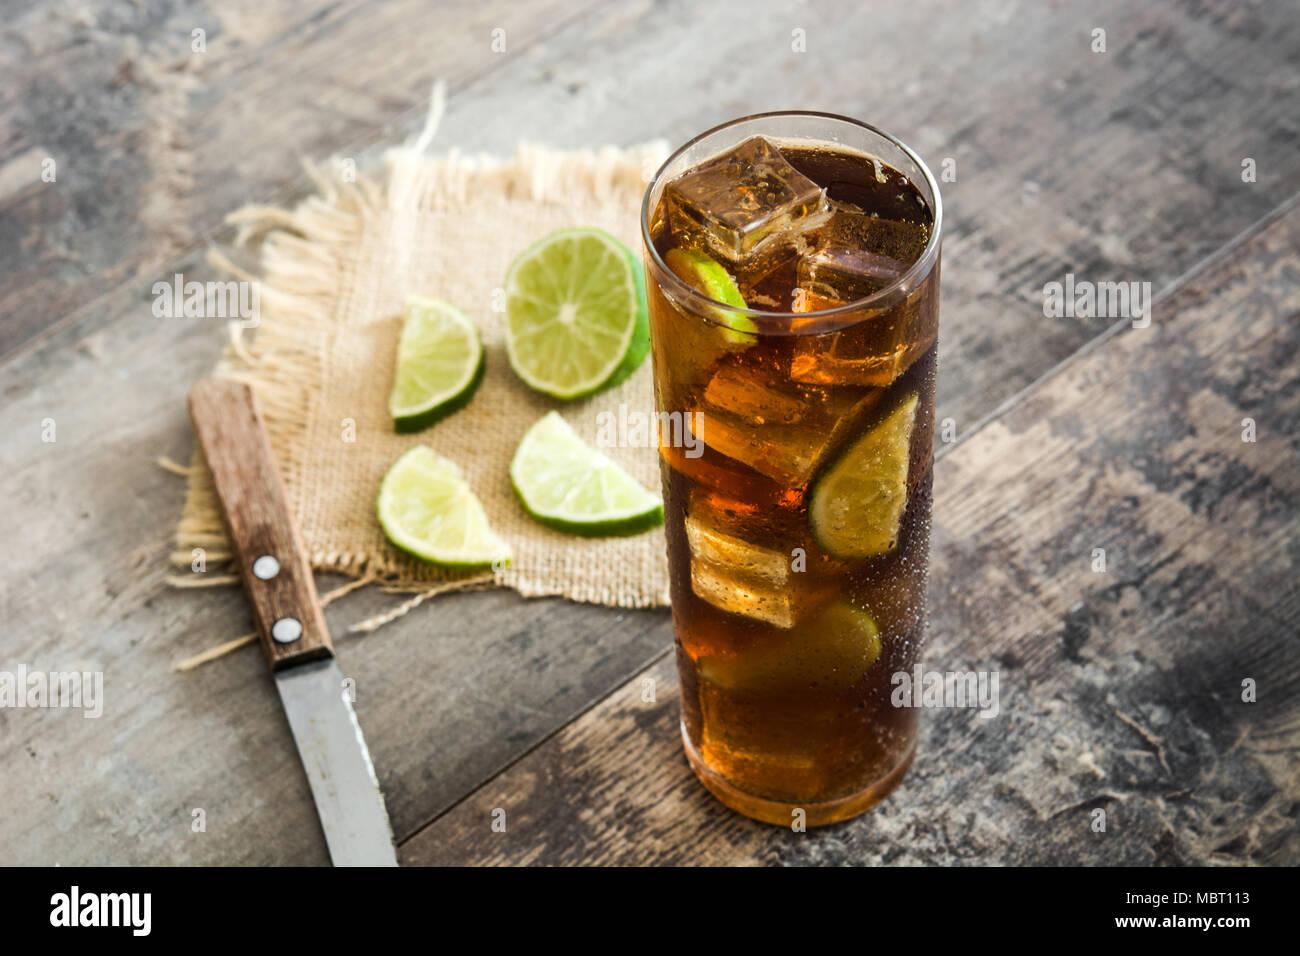 Cuba Libre. Cocktail mit Rum, Limetten und Eis auf hölzernen Tisch Stockbild